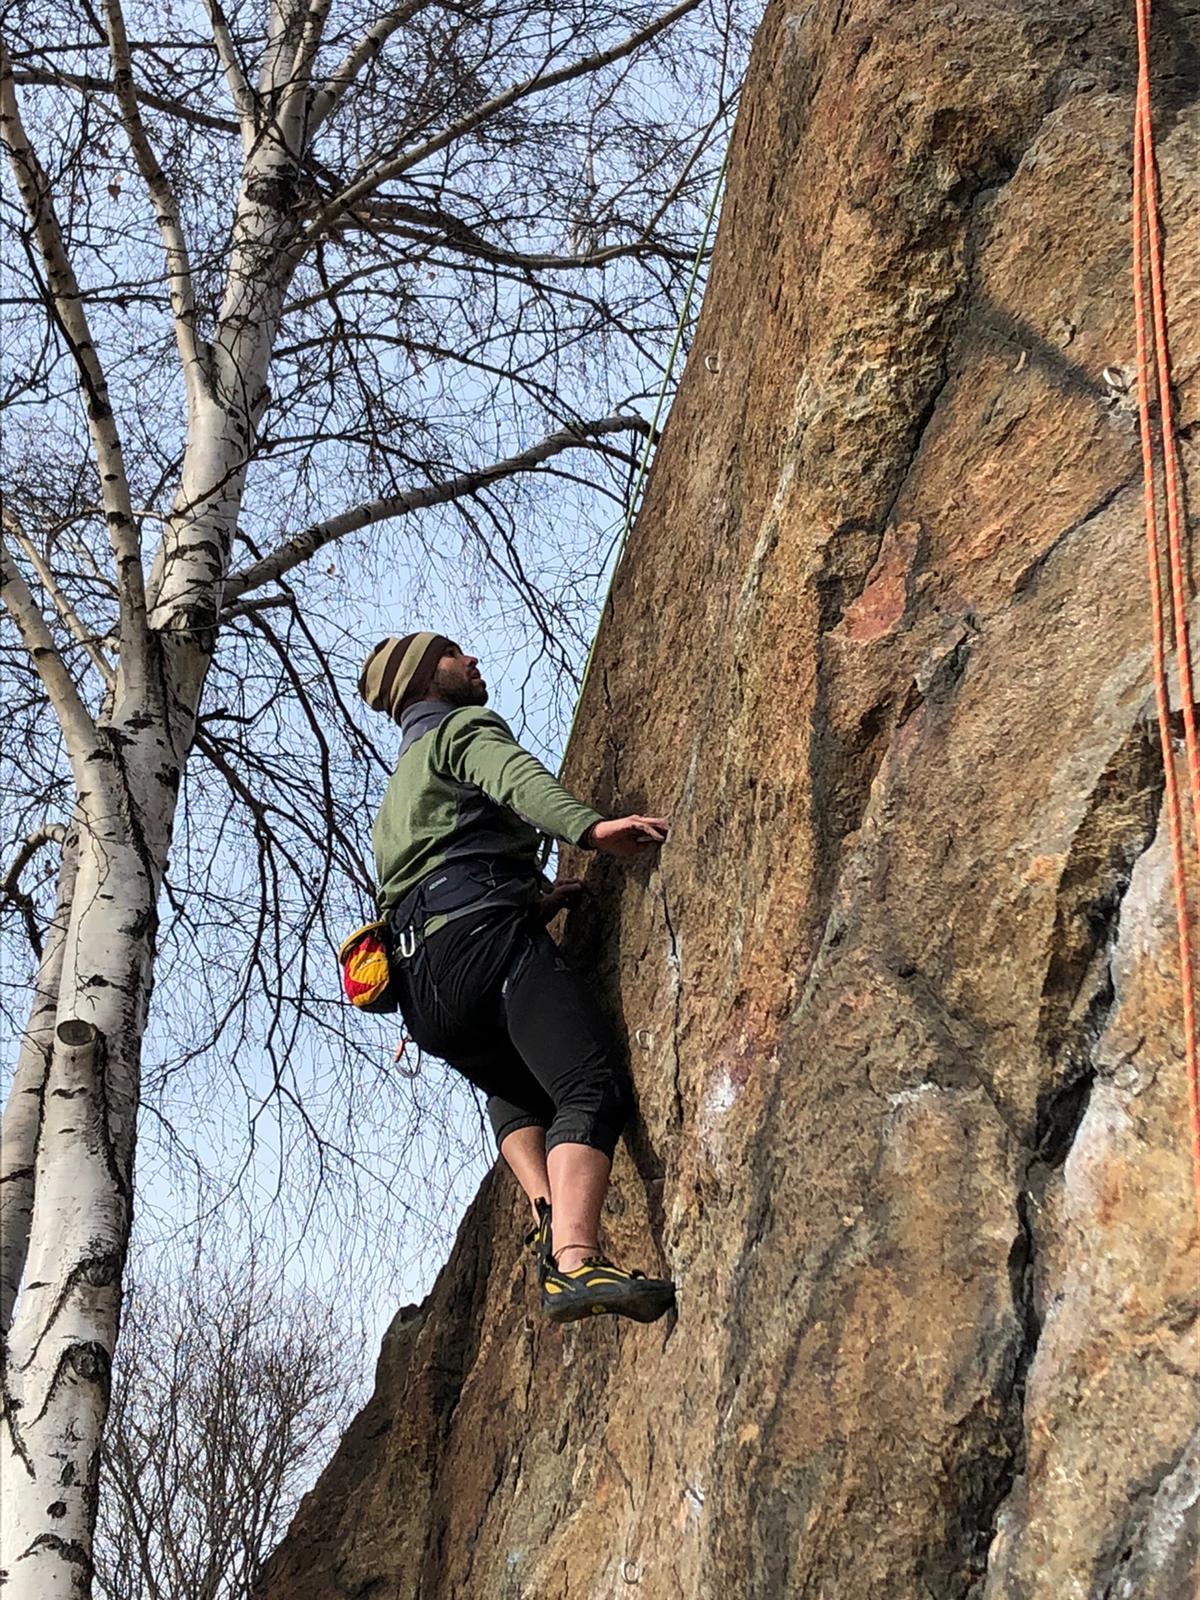 Avvicinamento all'arrampicata: breve guida per chi vuole iniziare ad arrampicare